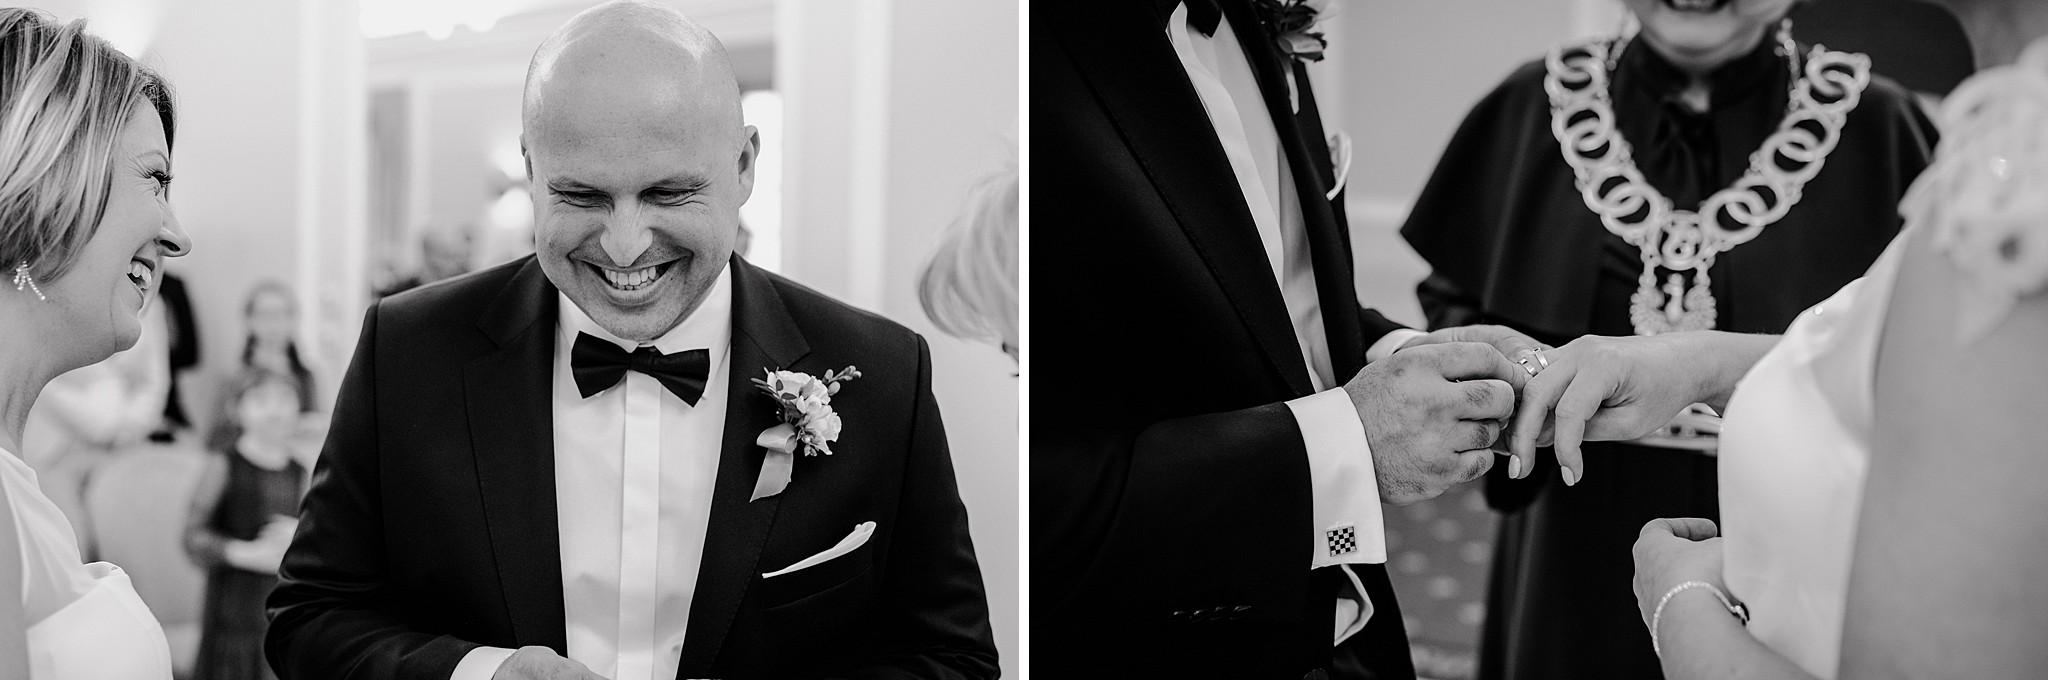 pałac ślubów reportaż ślubny